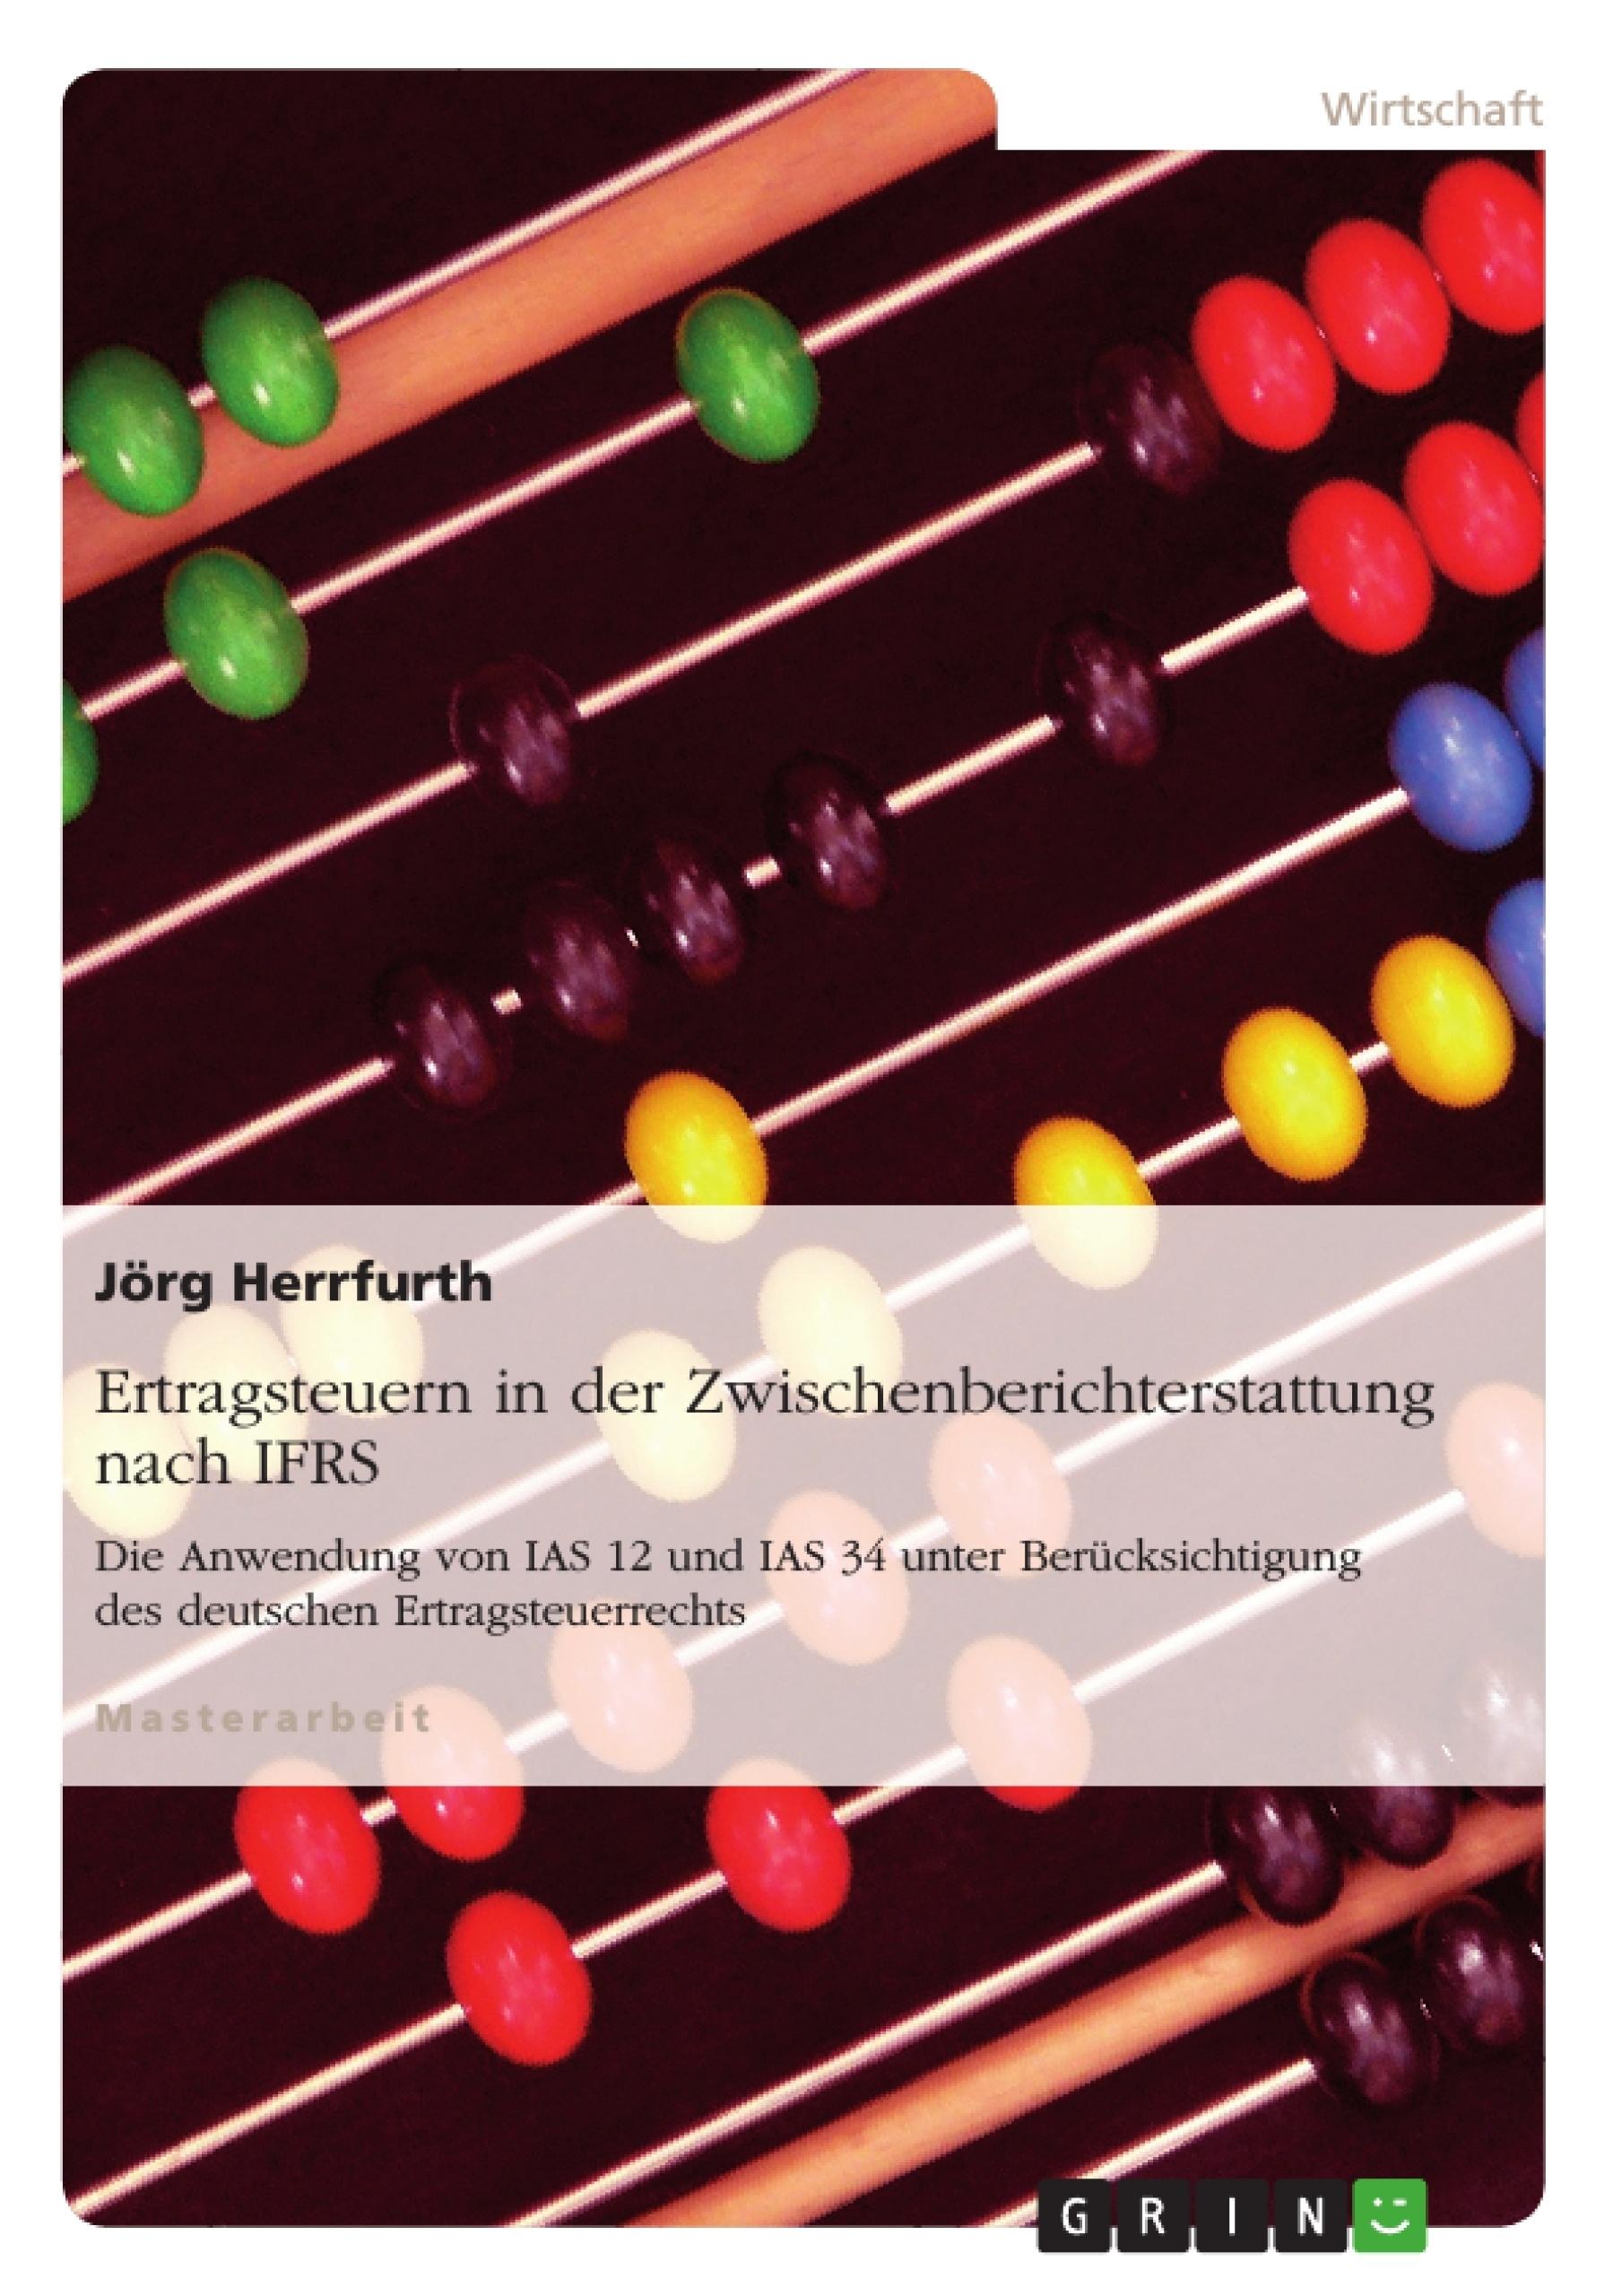 Titel: Ertragsteuern in der Zwischenberichterstattung nach IFRS